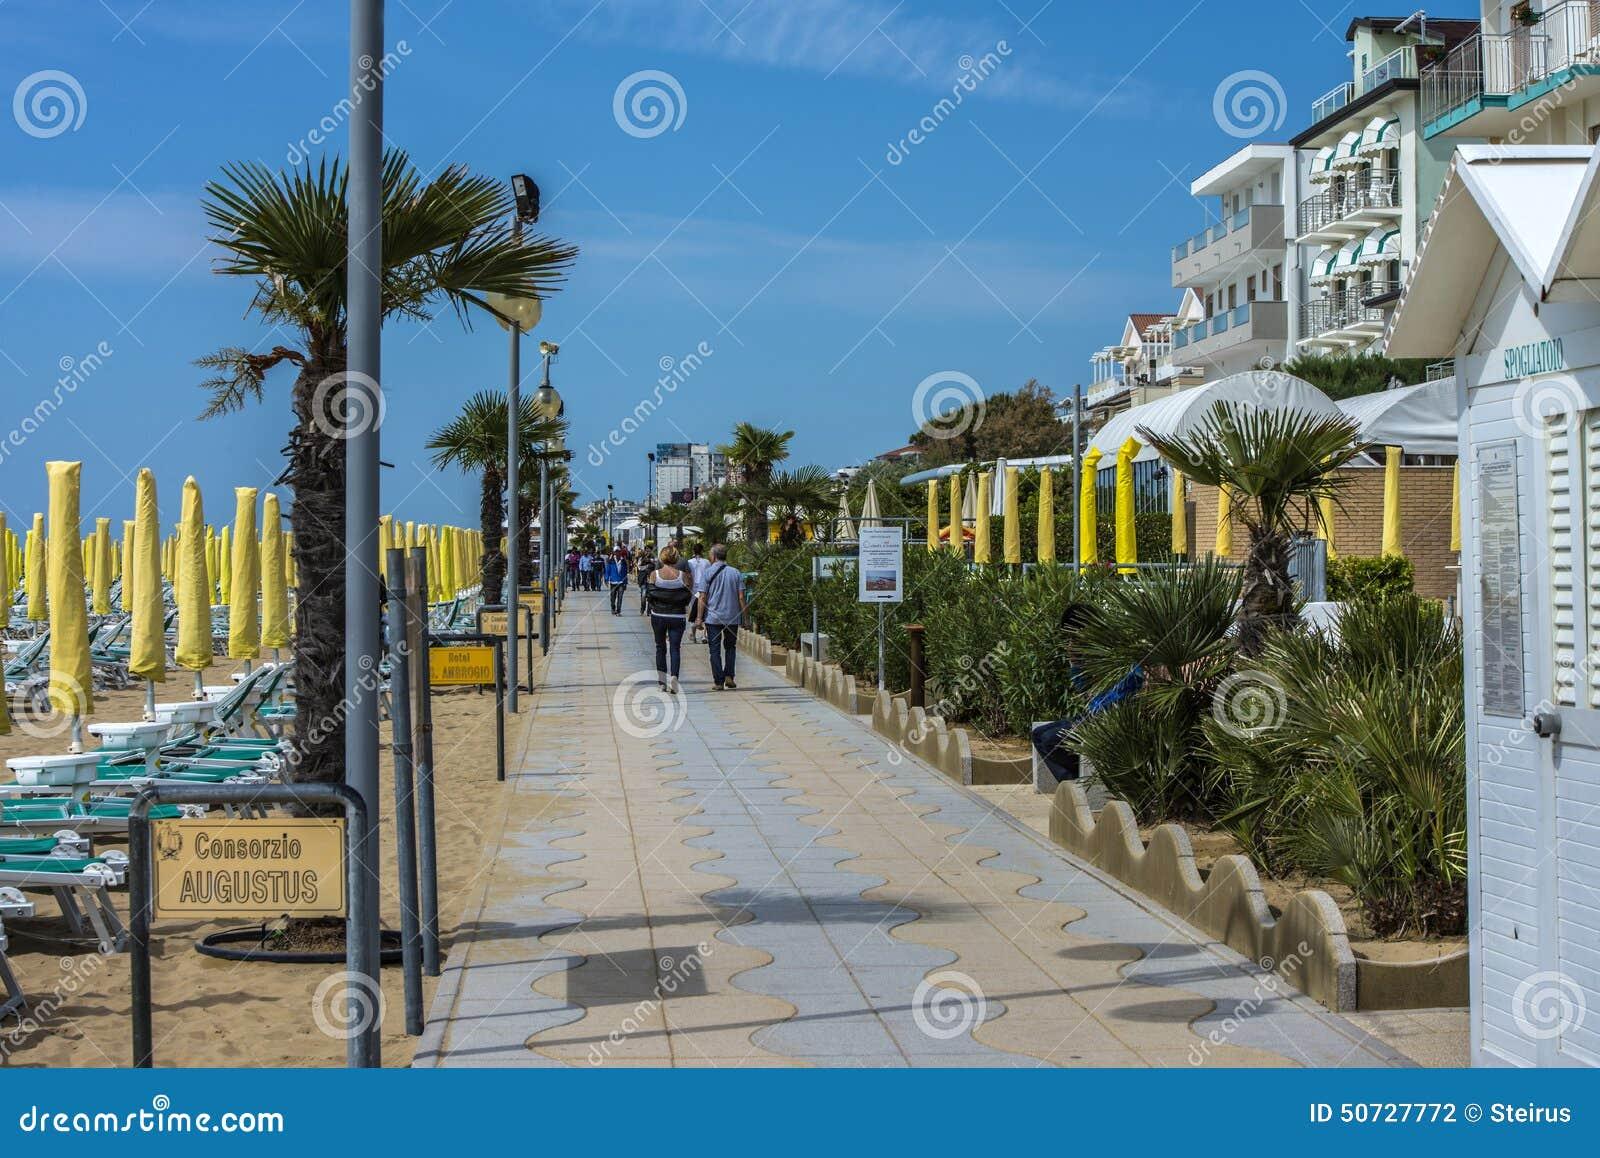 In Lido Jesolosulla Sulla SpiaggiaFotografia Vacanza Di QrdtCsh